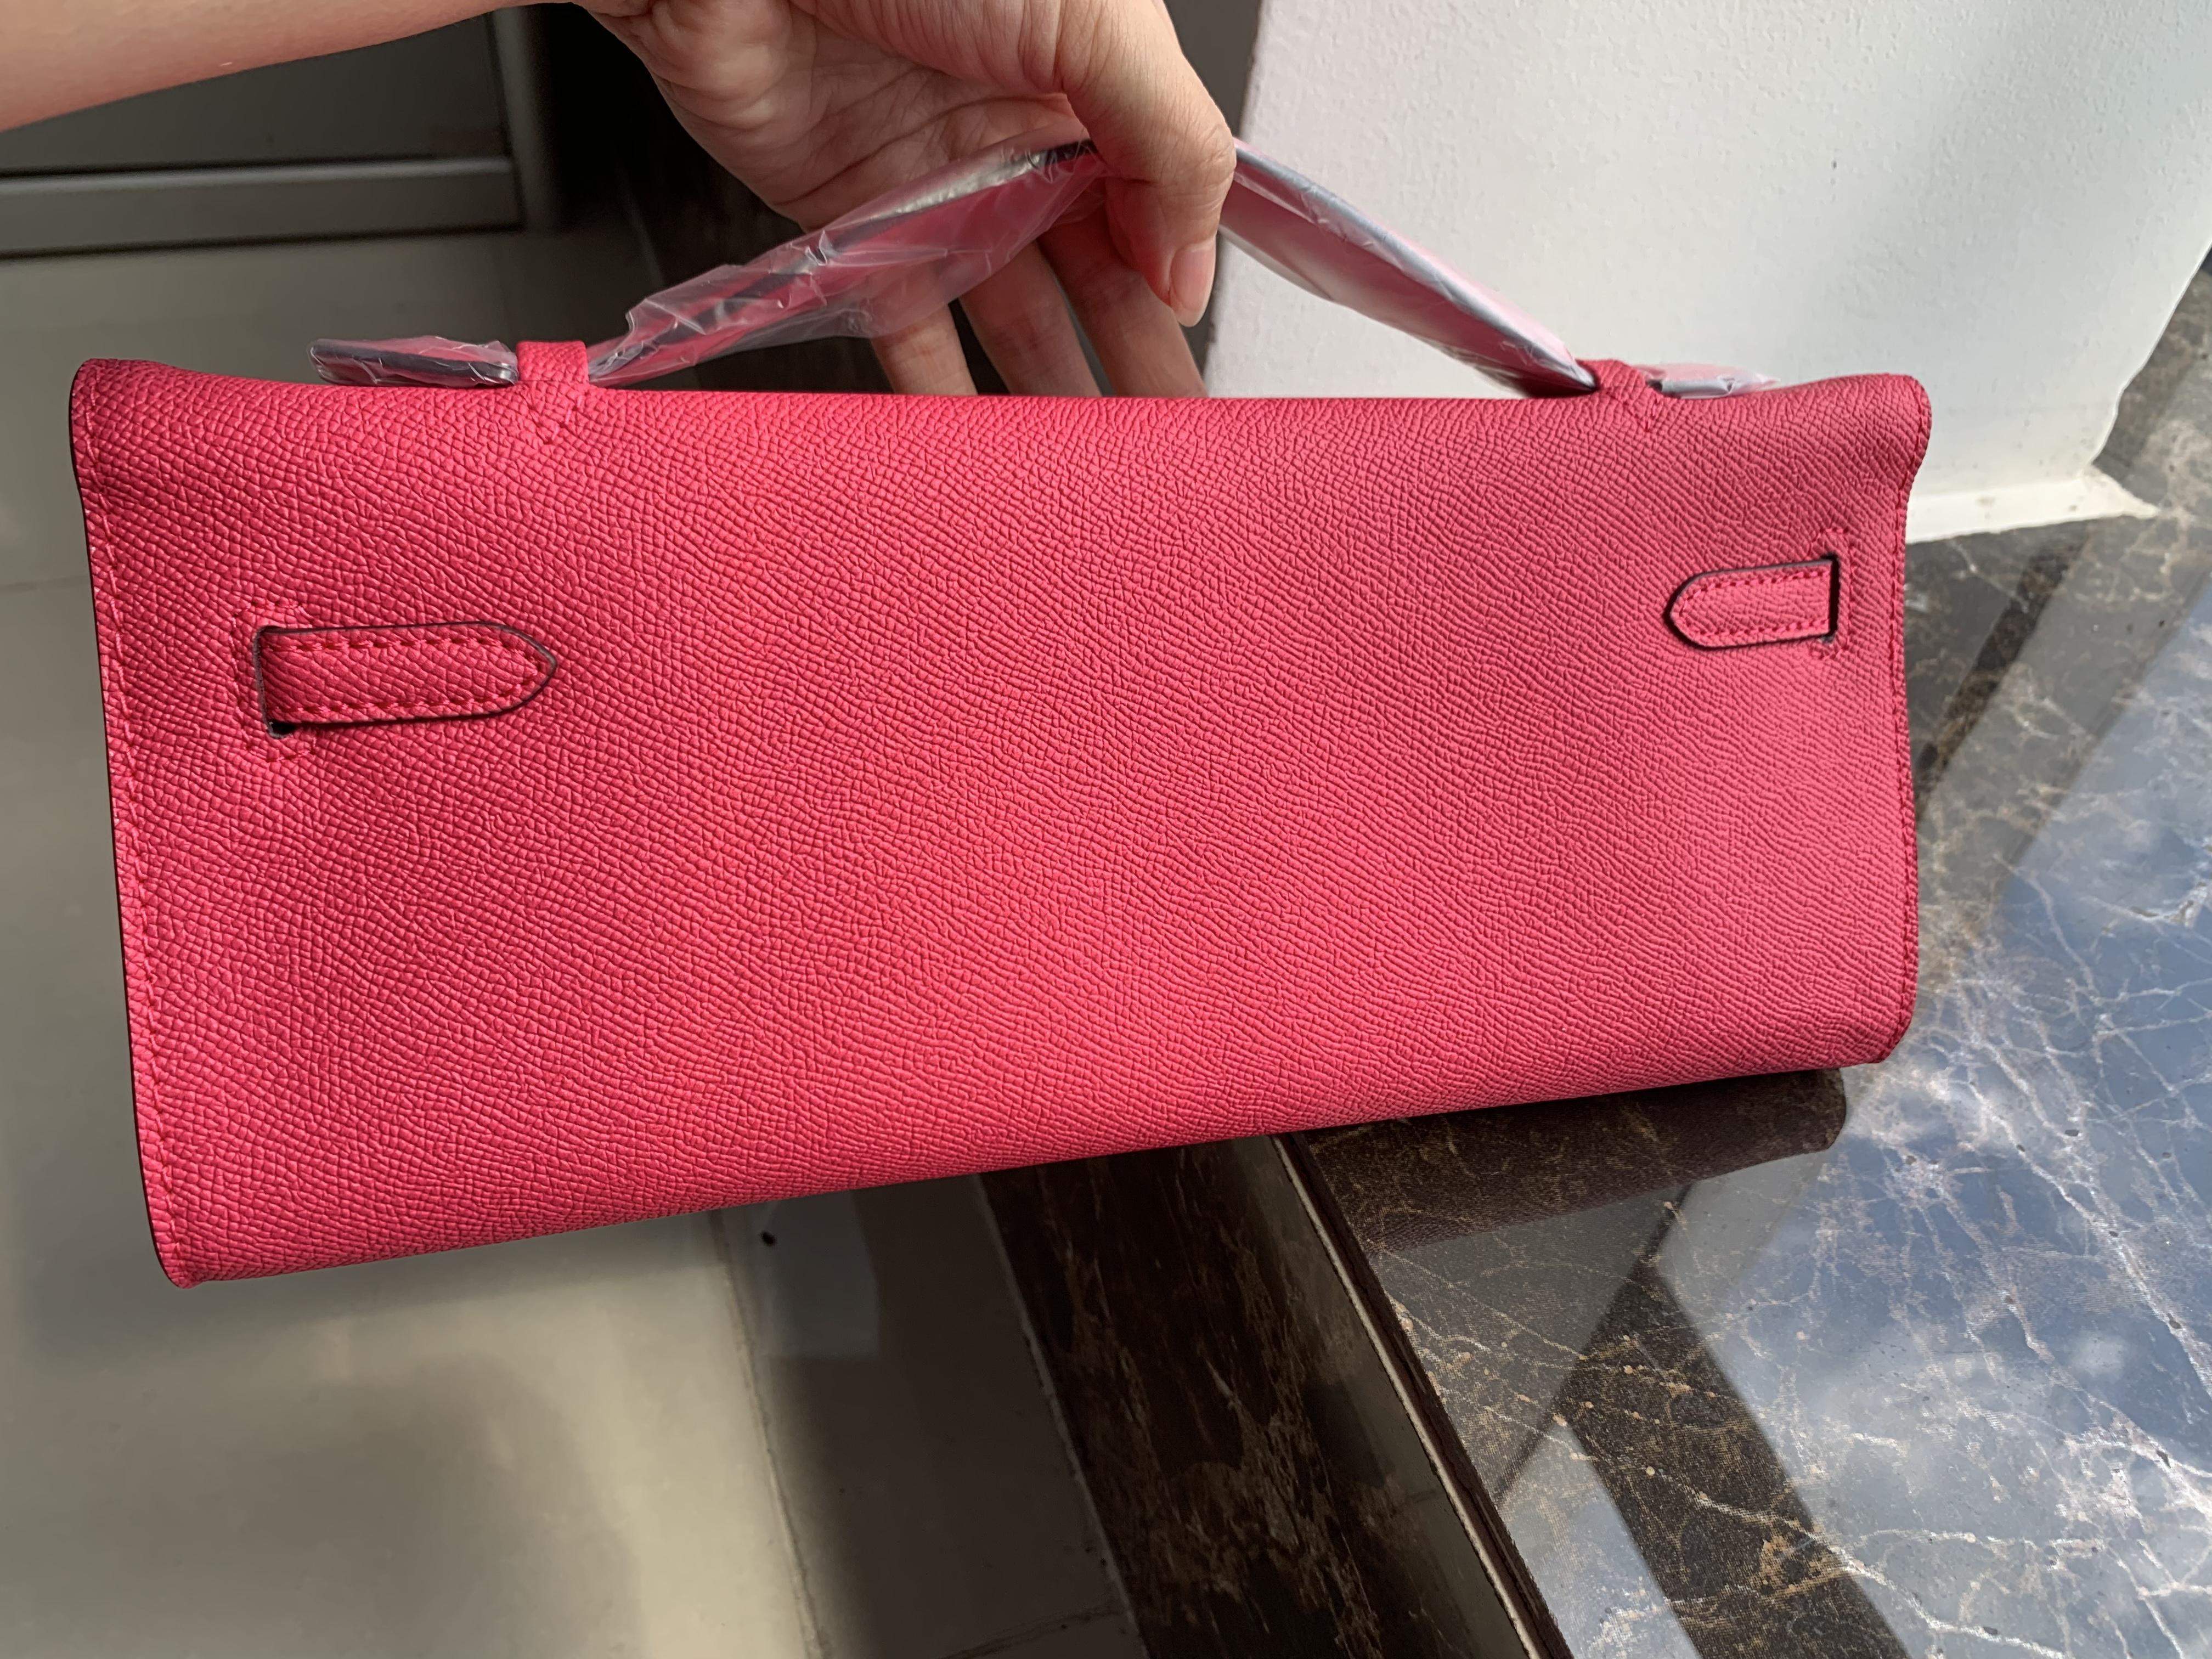 Tote de cuero embrague bolsa de bolso caimanes de bolsas genuinas bolso bolso bolso envolvente moneda mujer billetera bolsa caliente platino onarg